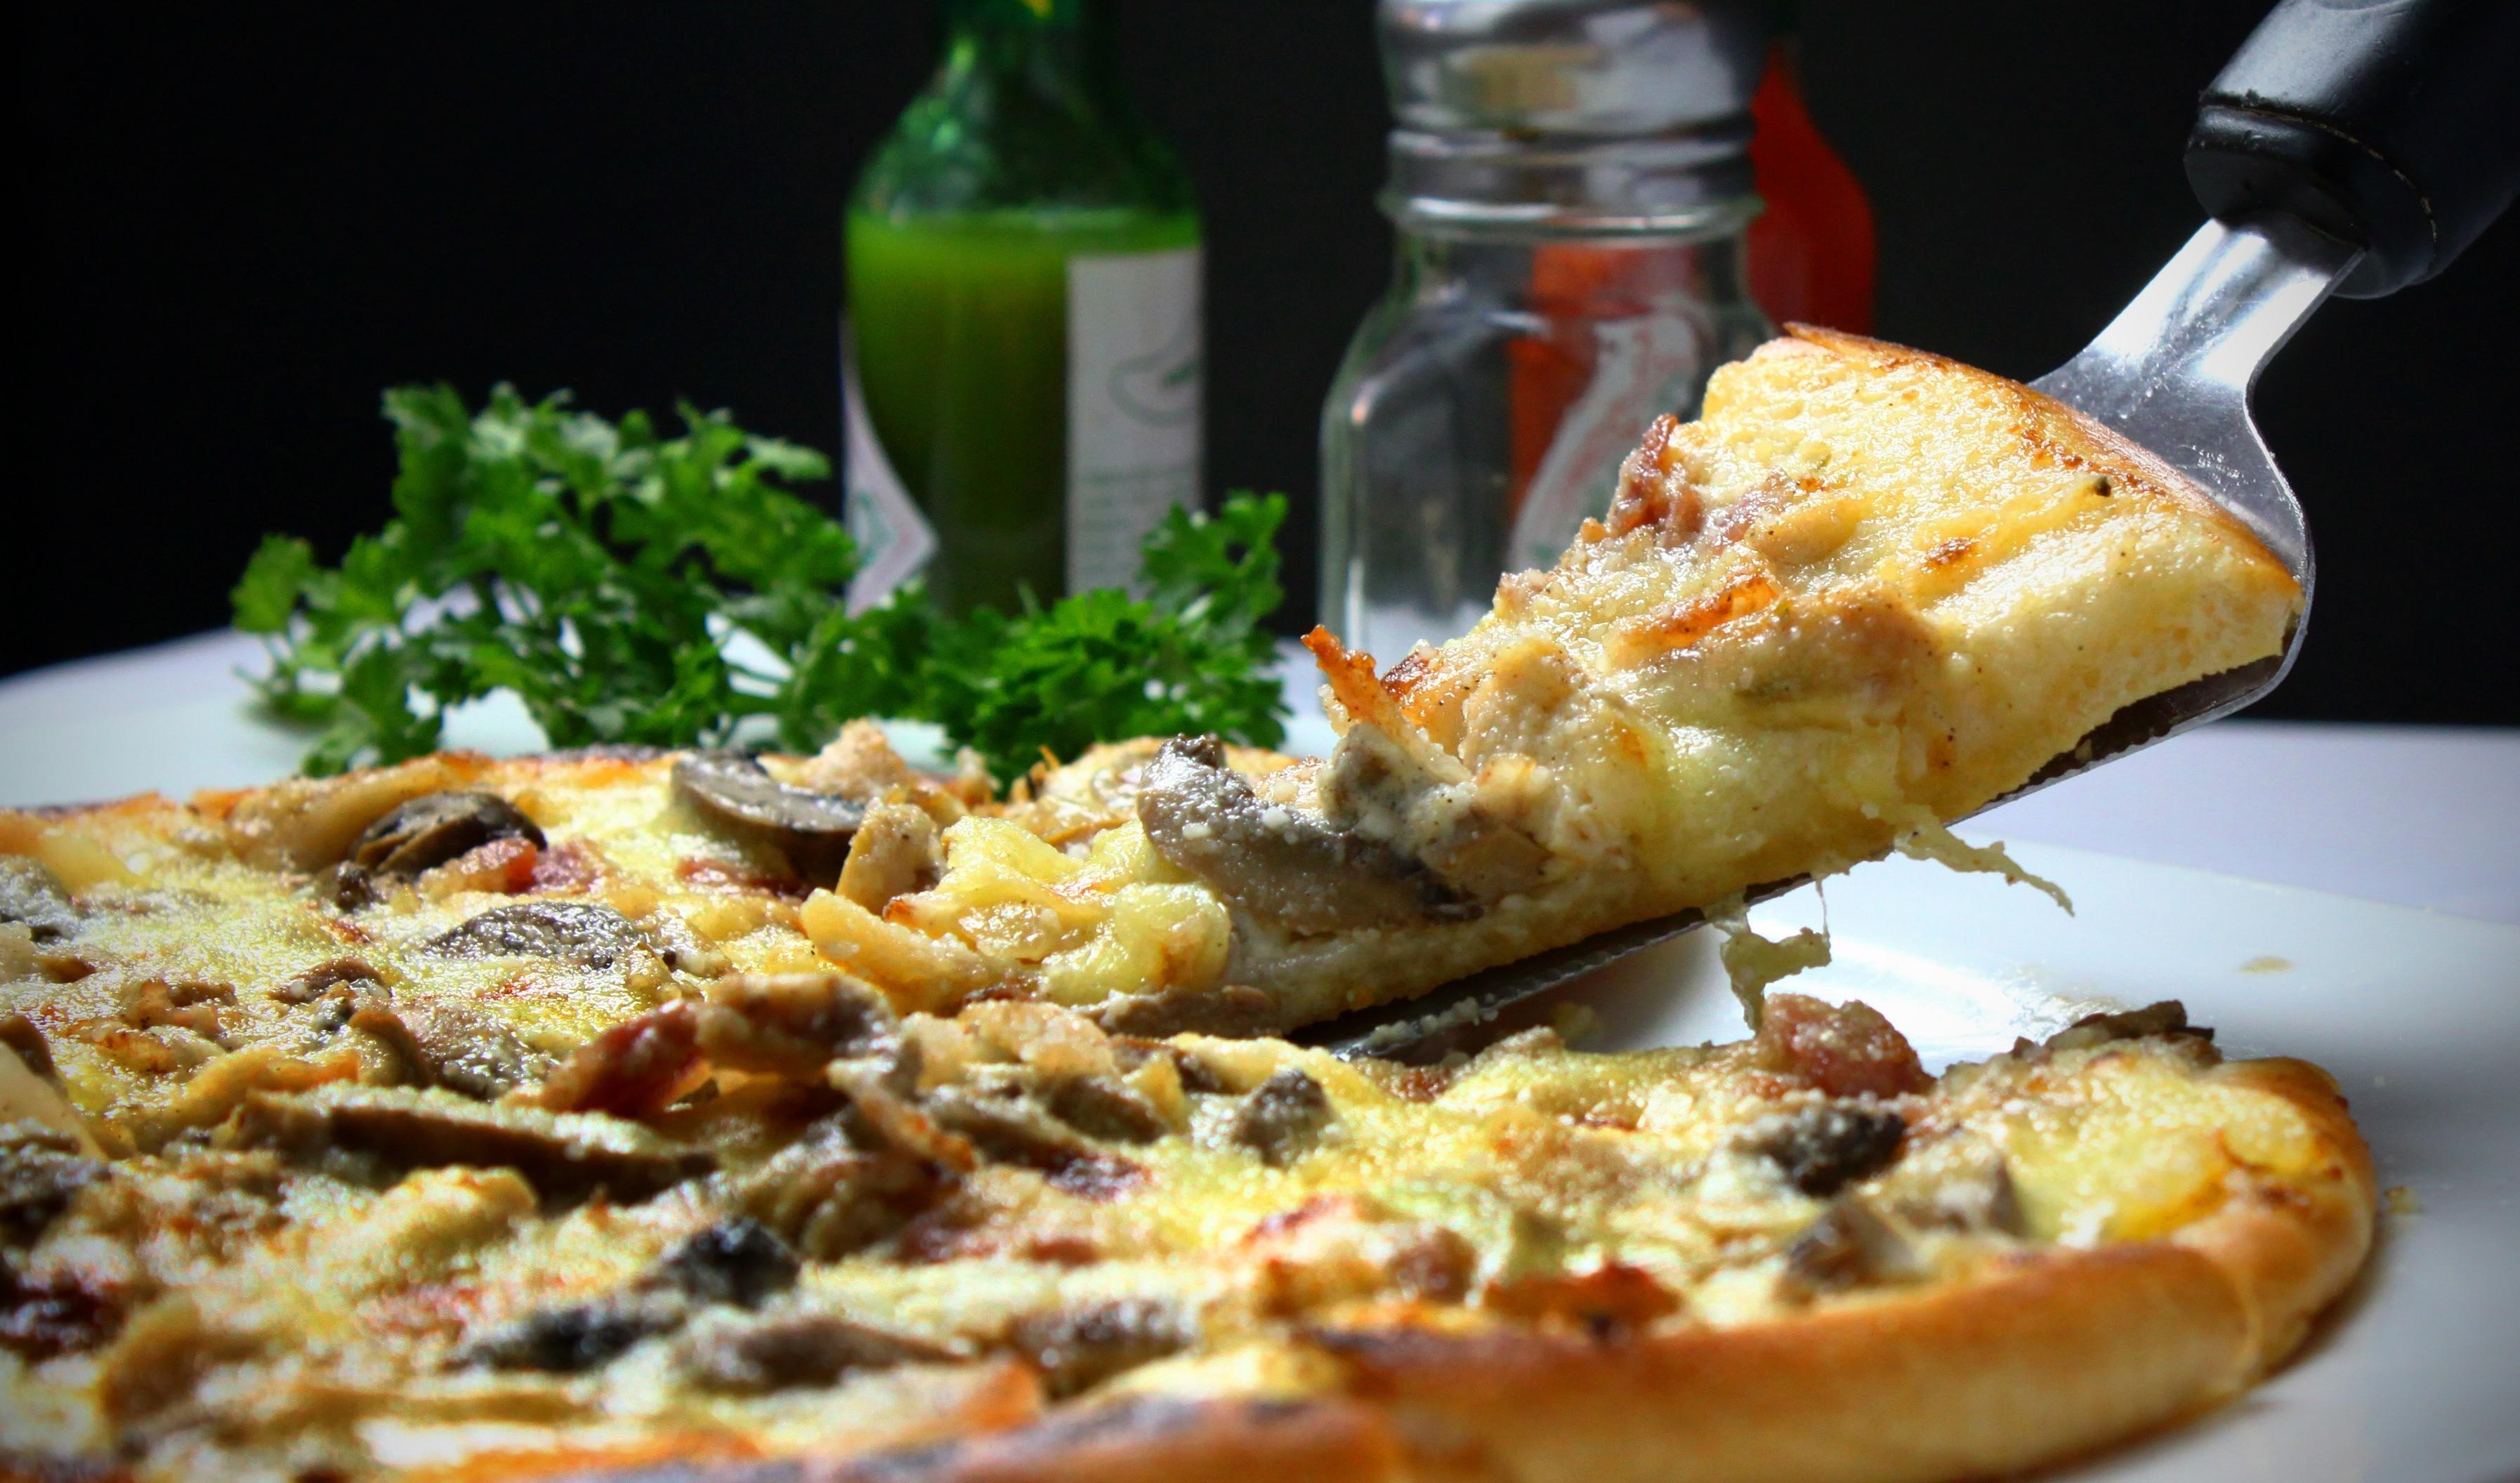 9吋手工Pizza - 普羅旺斯雞肉